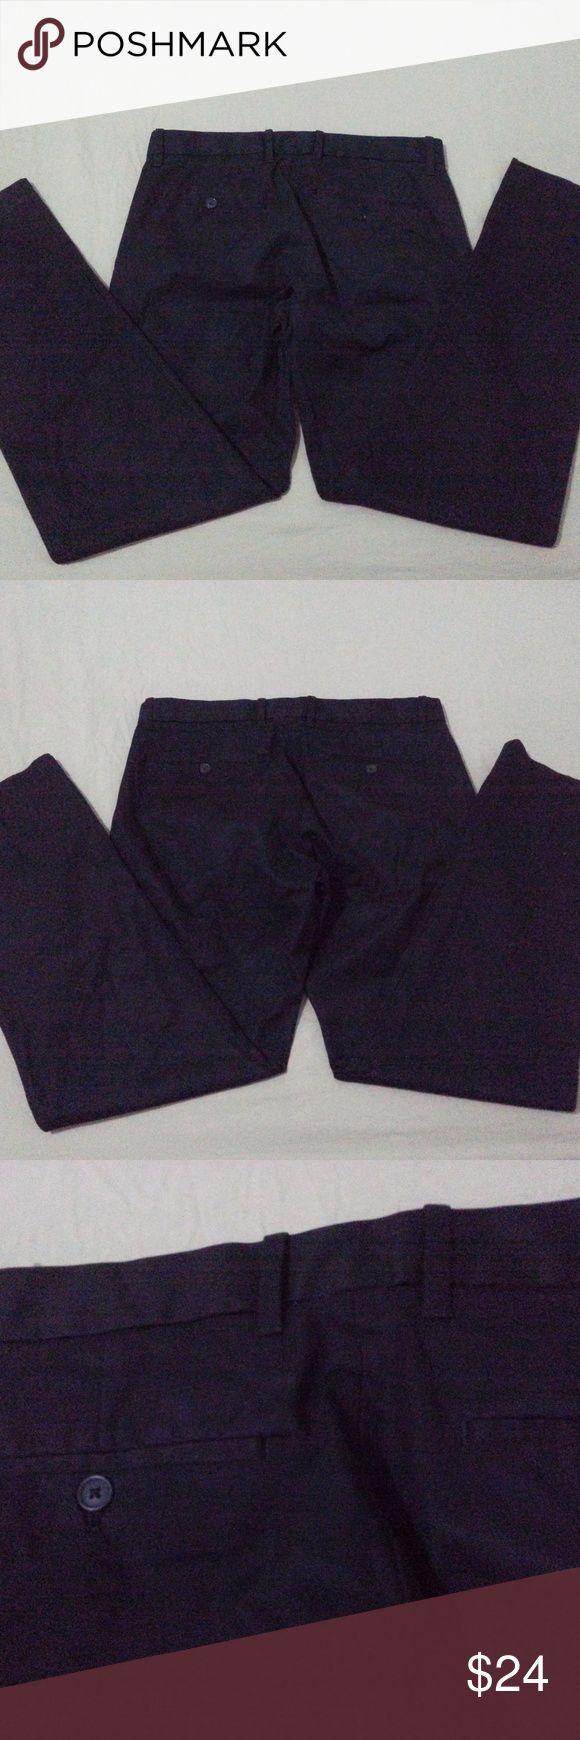 New Mens Gap Khaki Dress Pants x Black Slack Chino